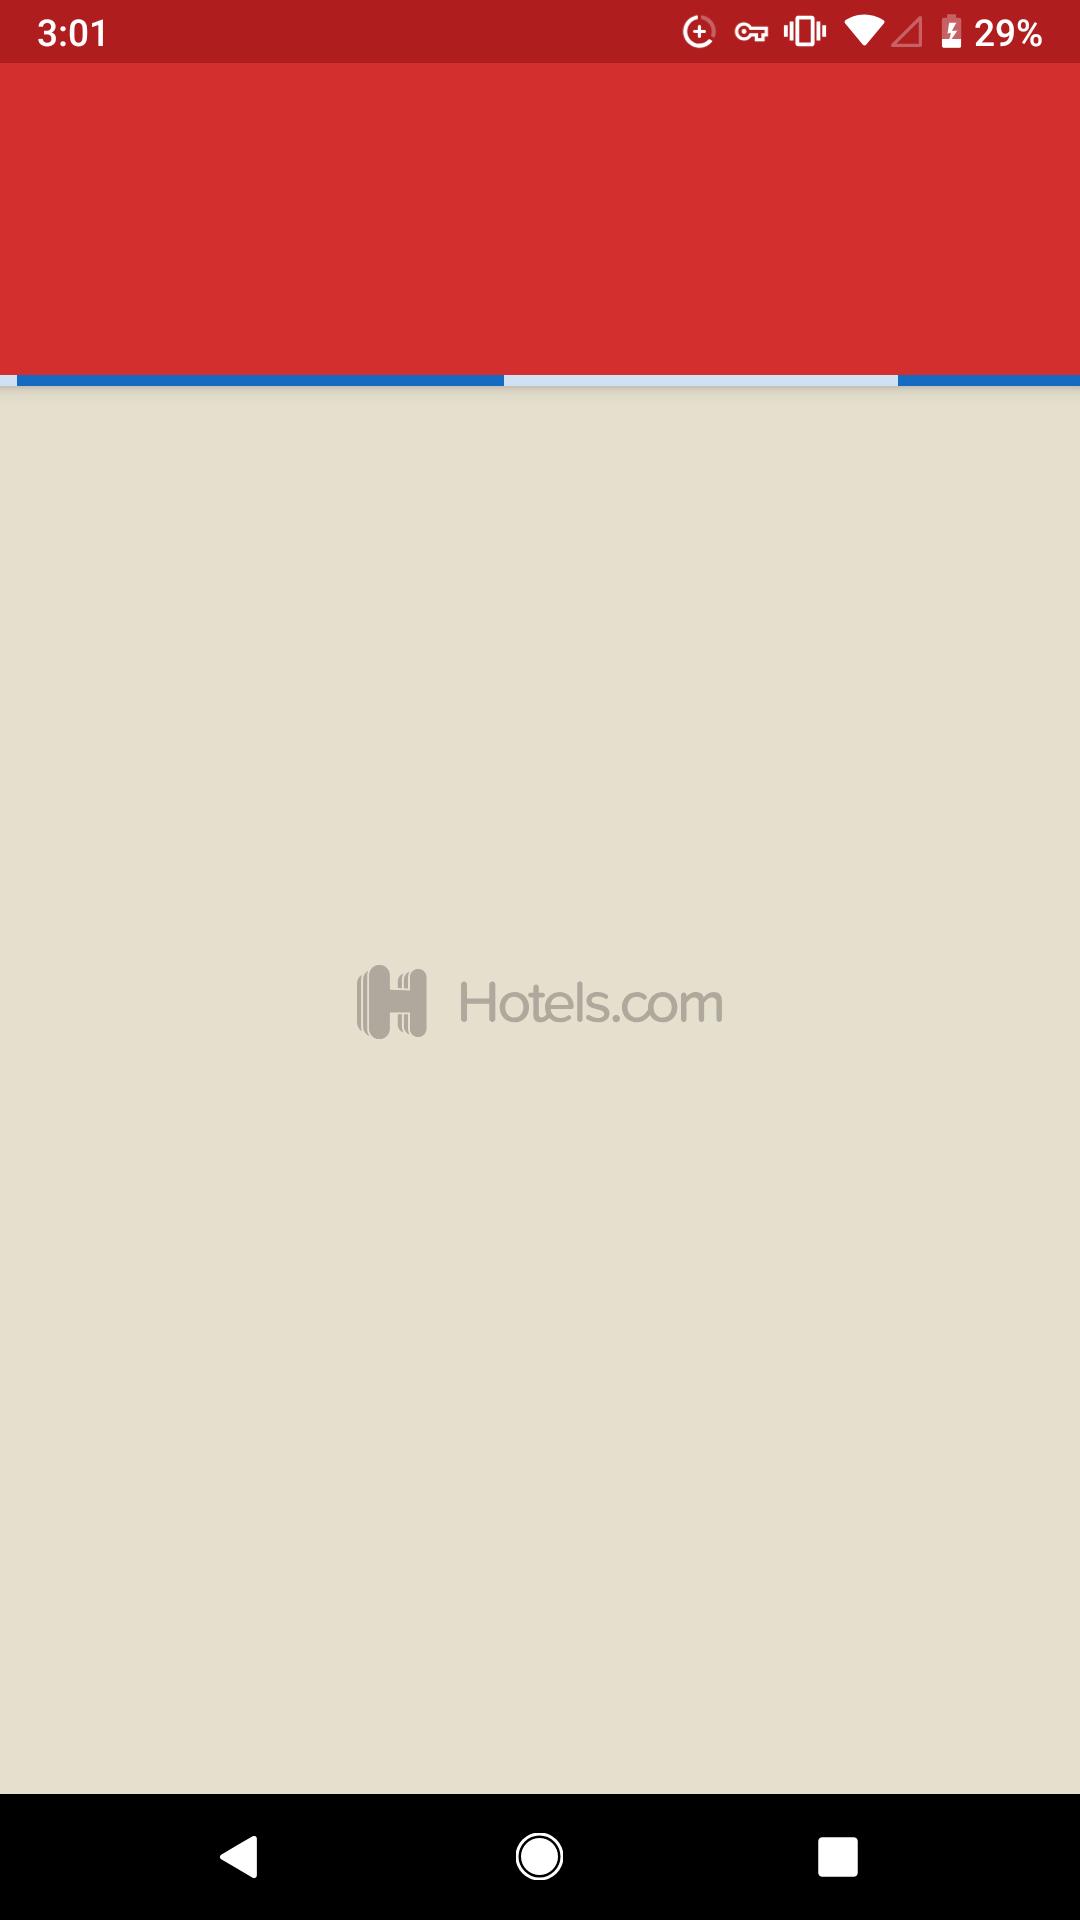 hotels.com_app_screenshot_loading_screen.png